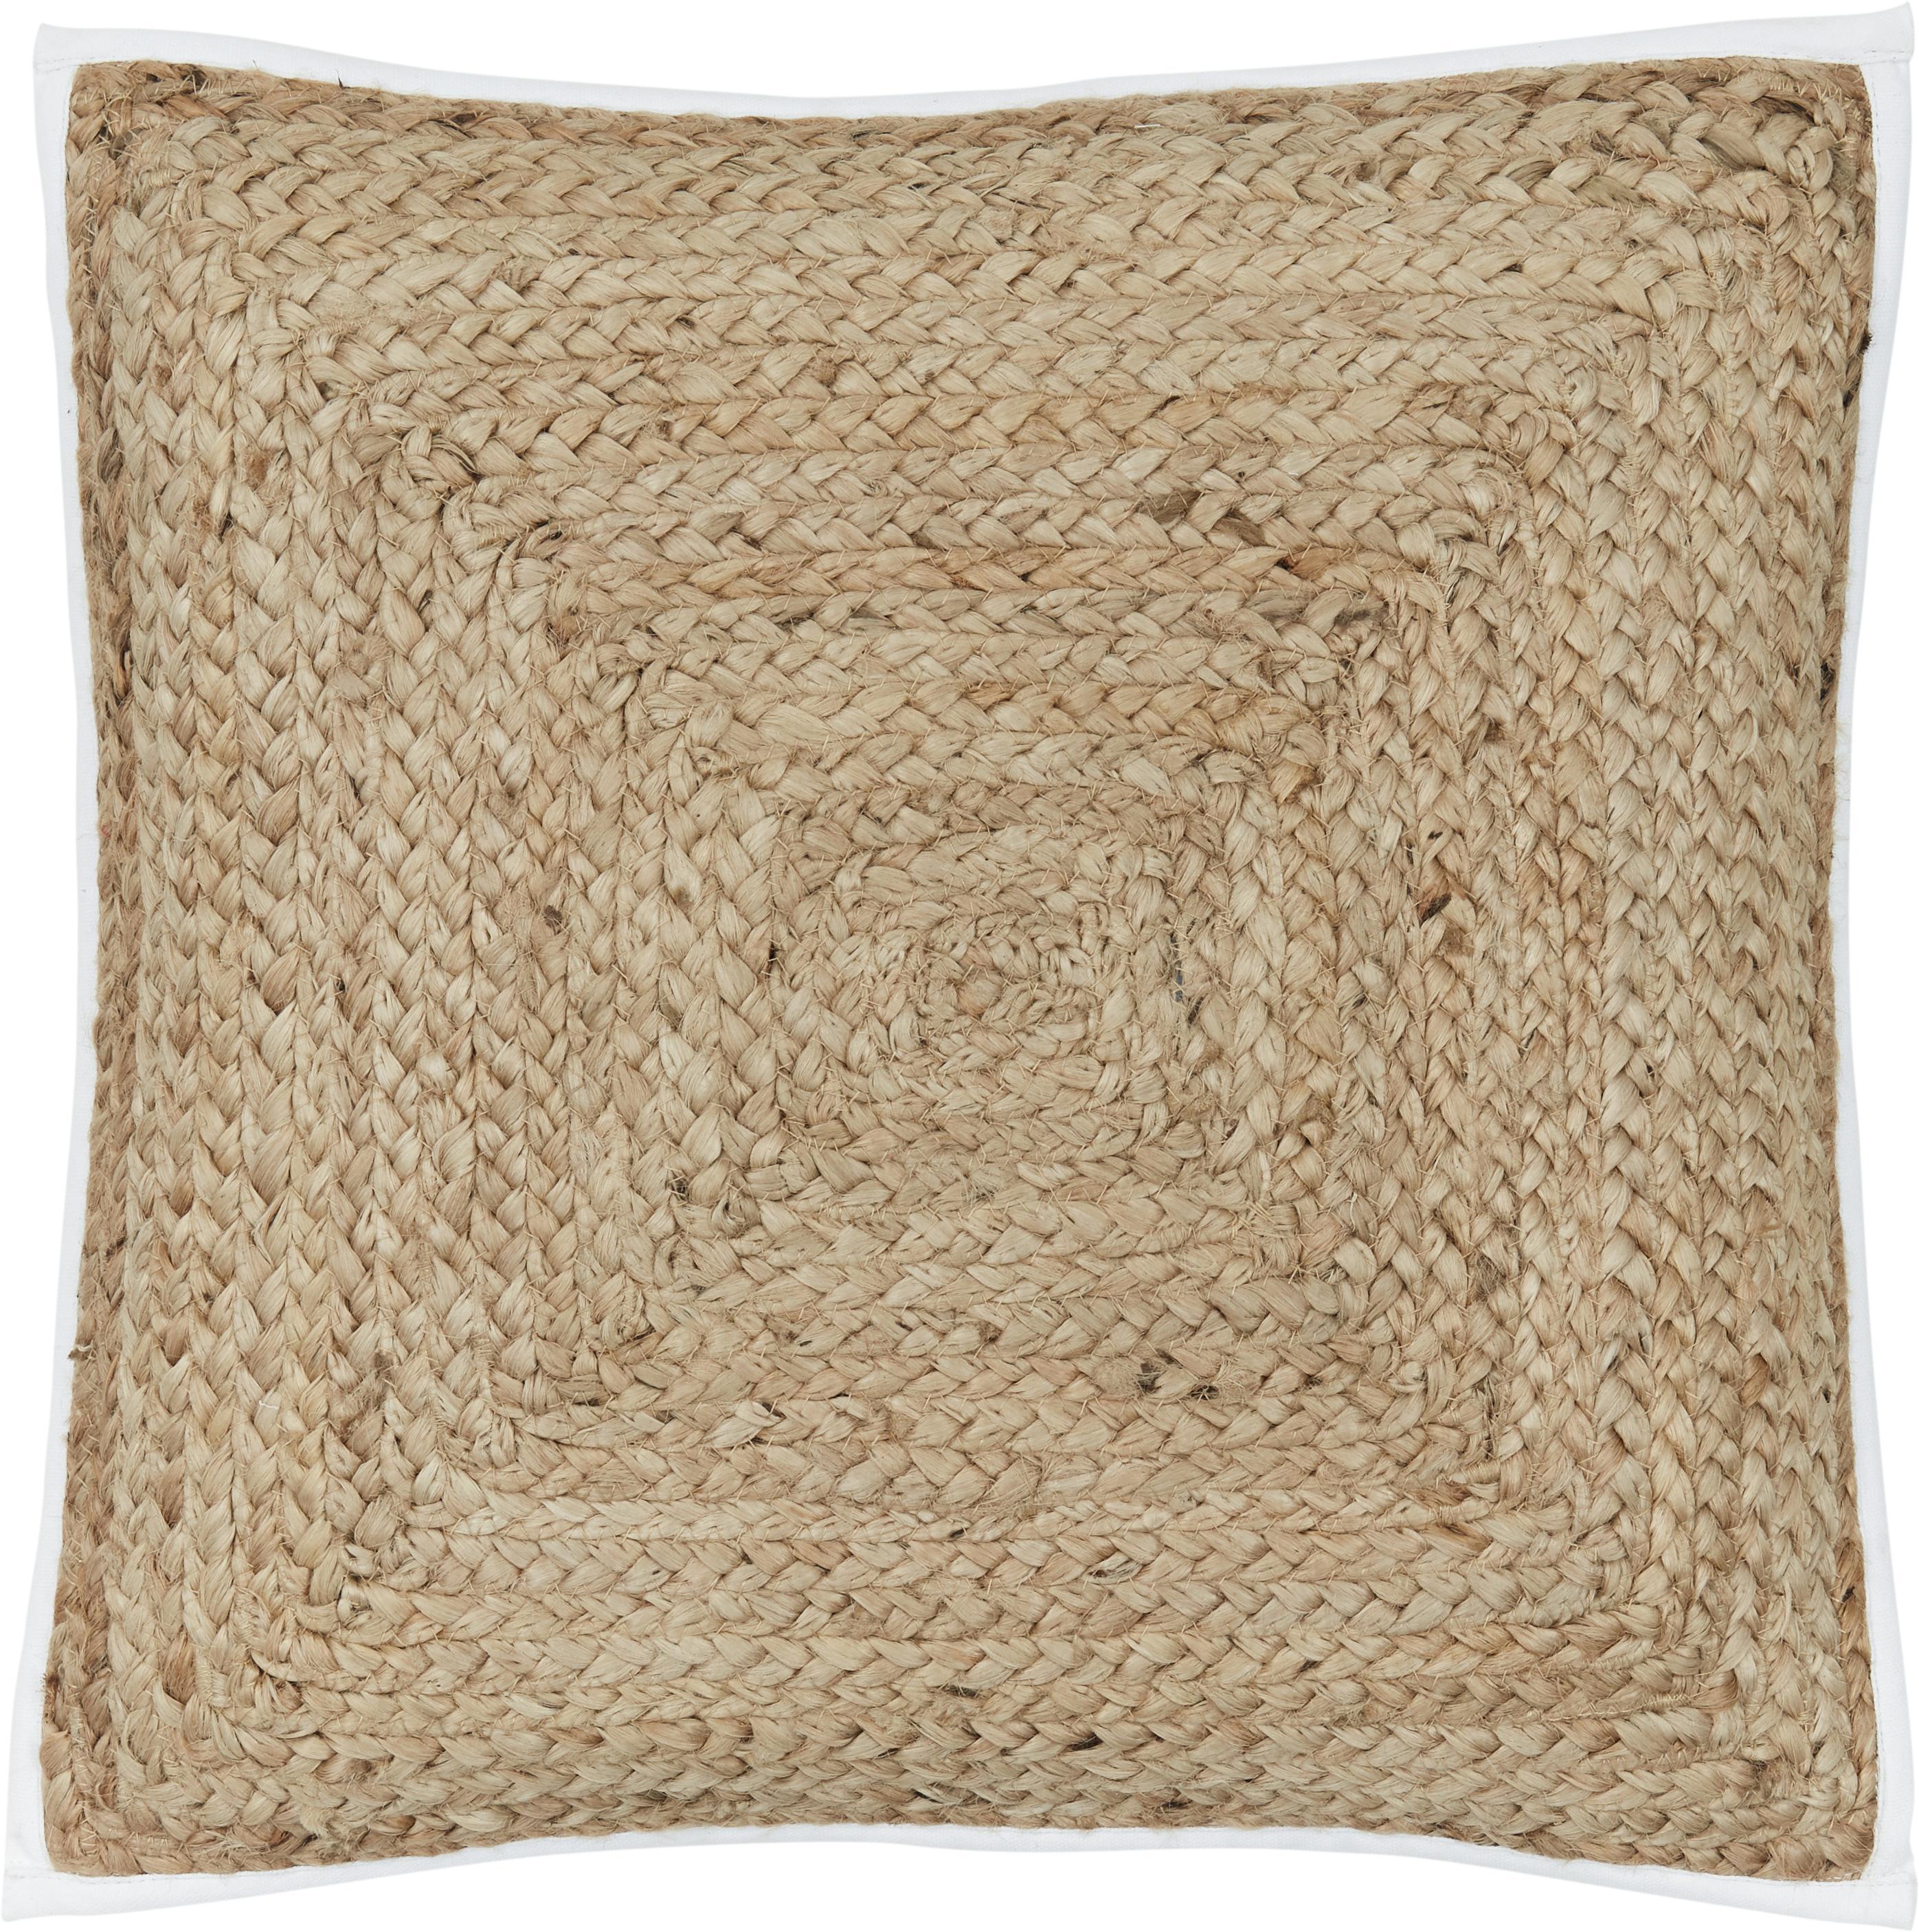 Juten kussenhoes Justina, Rand: katoen, Beige, wit, 45 x 45 cm